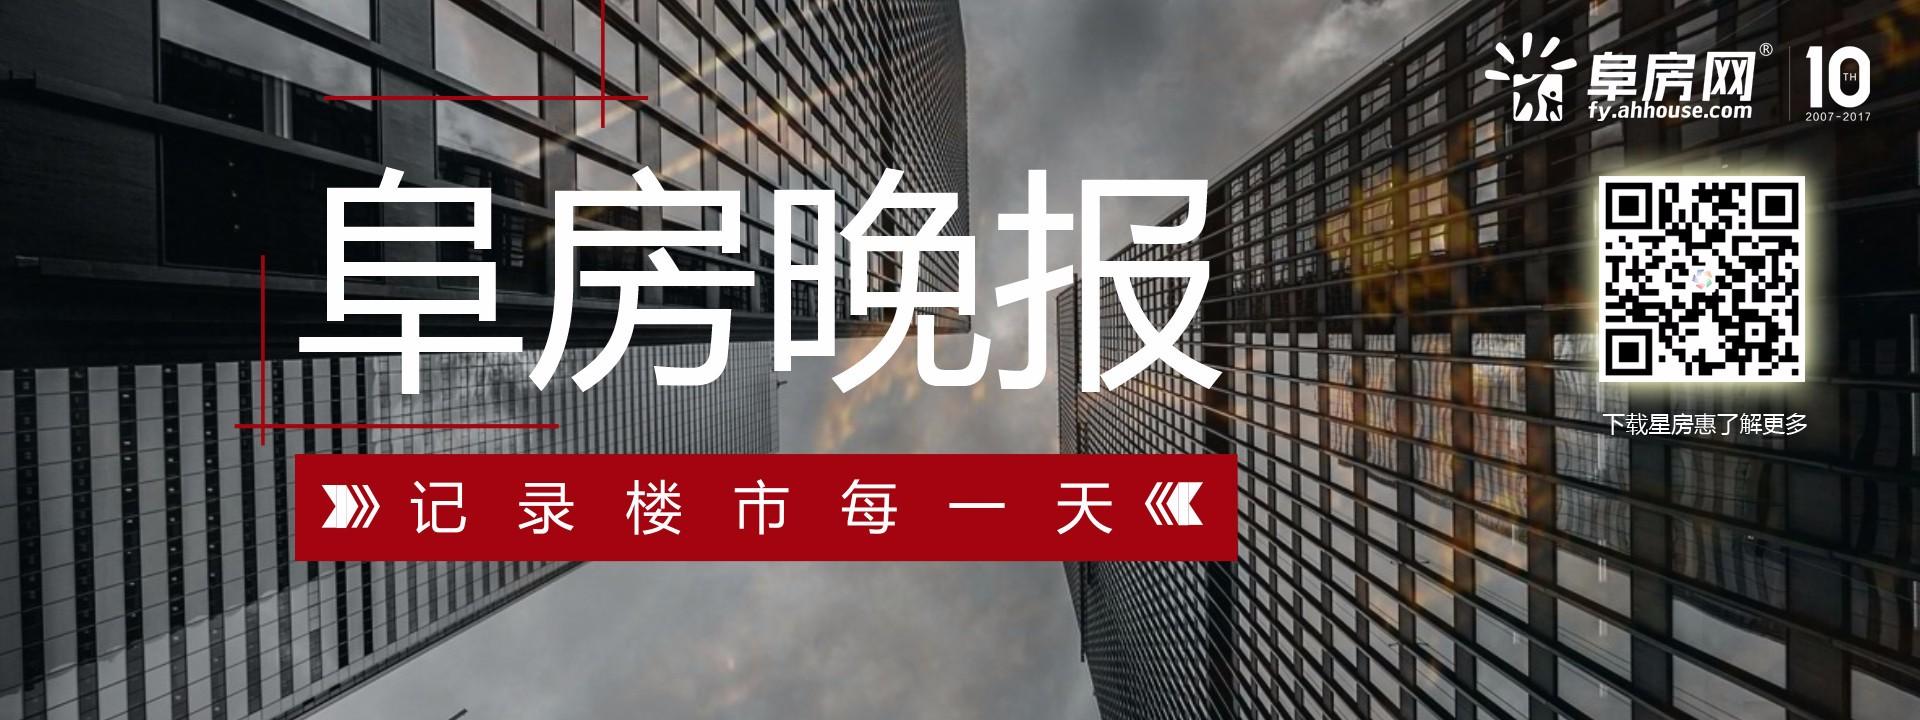 1月10日阜房网新闻晚报:中国地产星光奖颁奖盛典